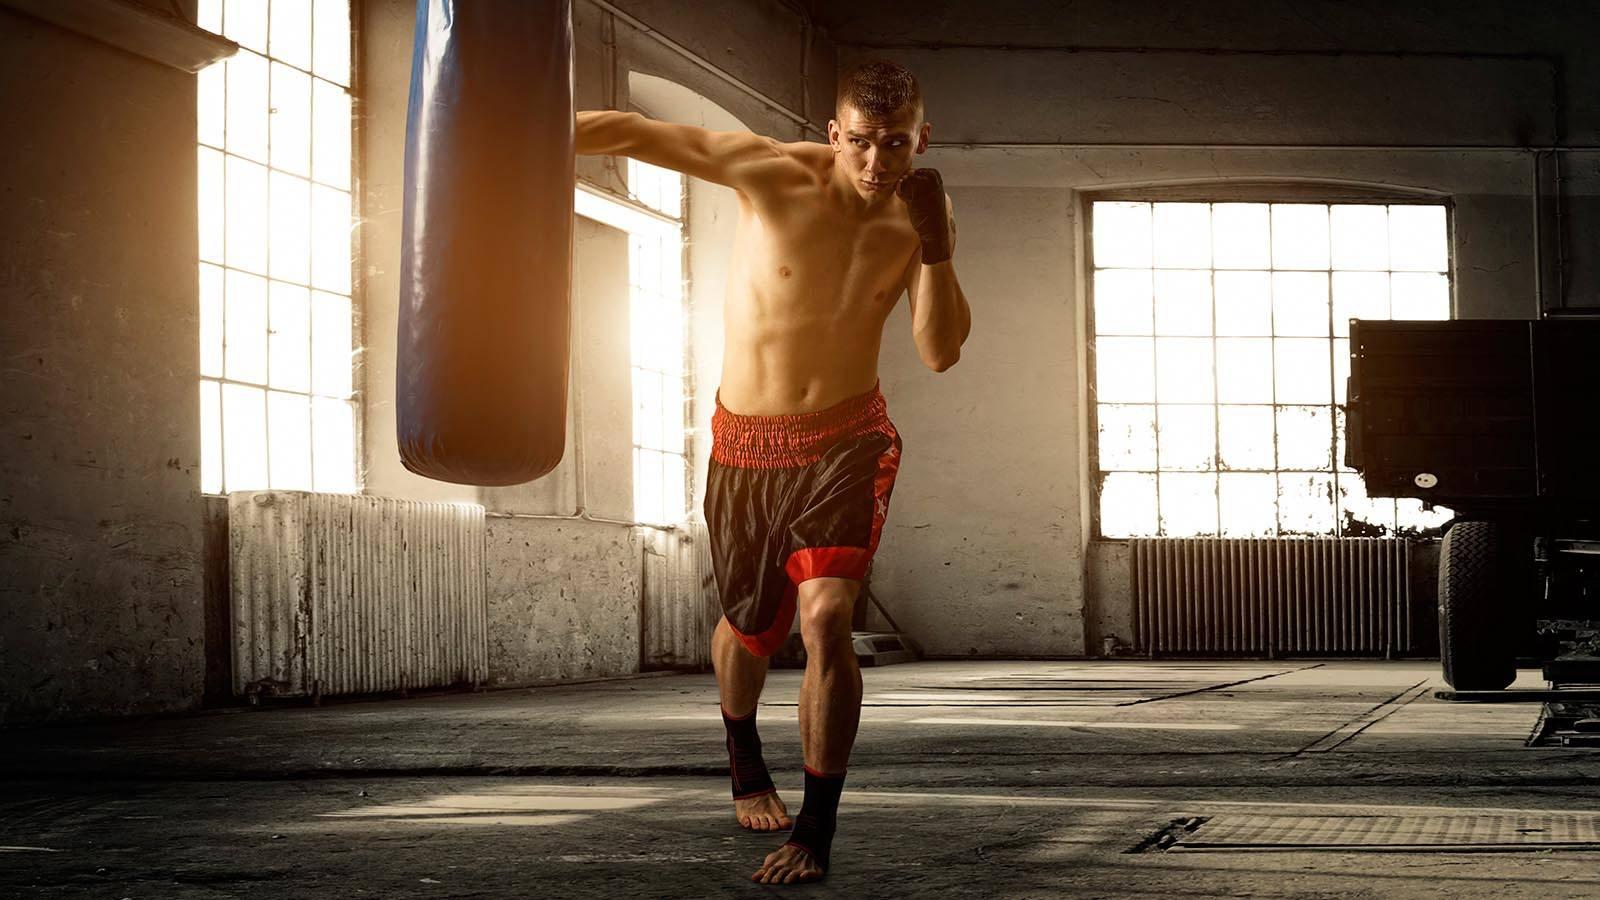 фото на аву для спортсменов цифра длина рукава